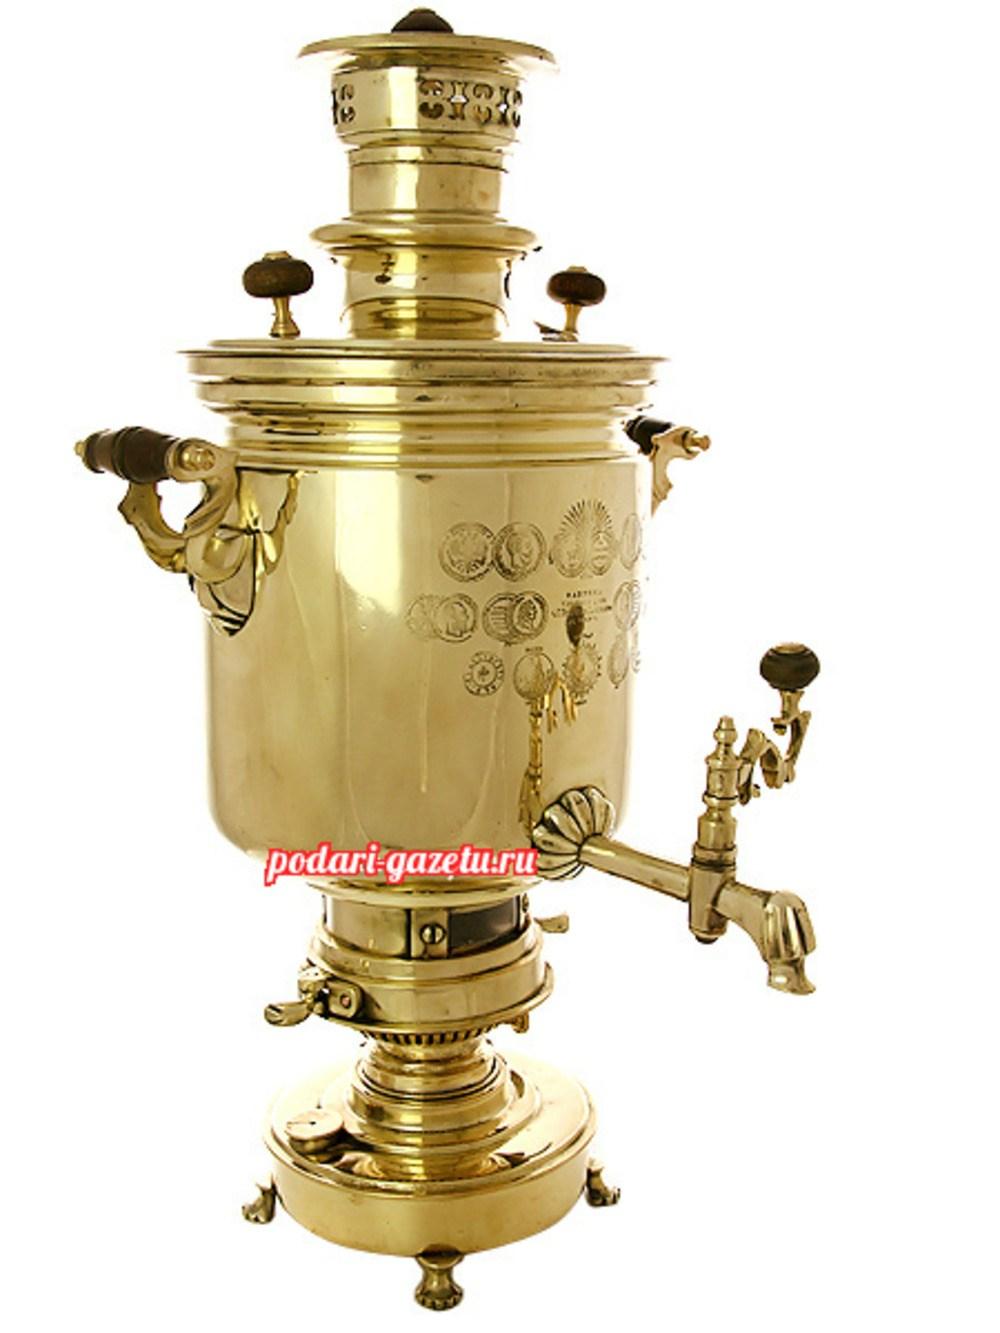 Угольный самовар (жаровый дровяной) (4 литра) цилиндр с медалями керосиновый